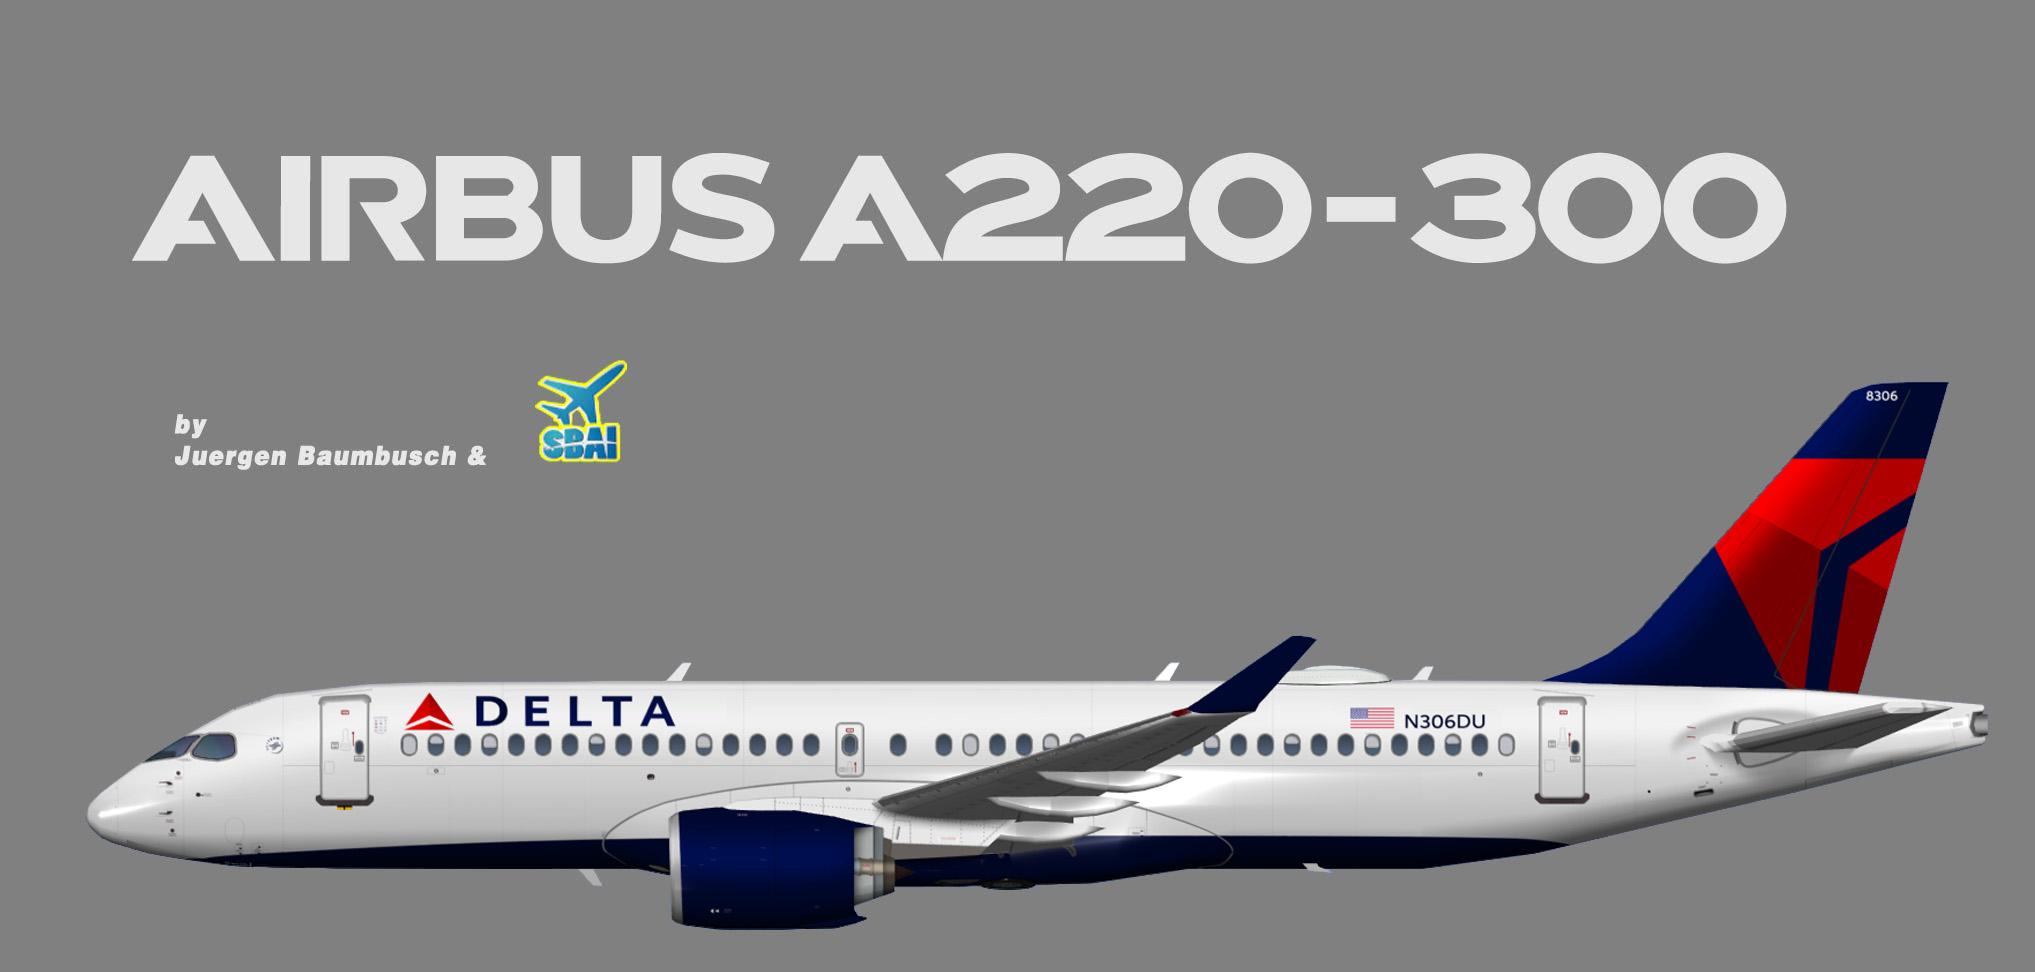 Delta Air Lines Airbus A220-300 (SBAI)